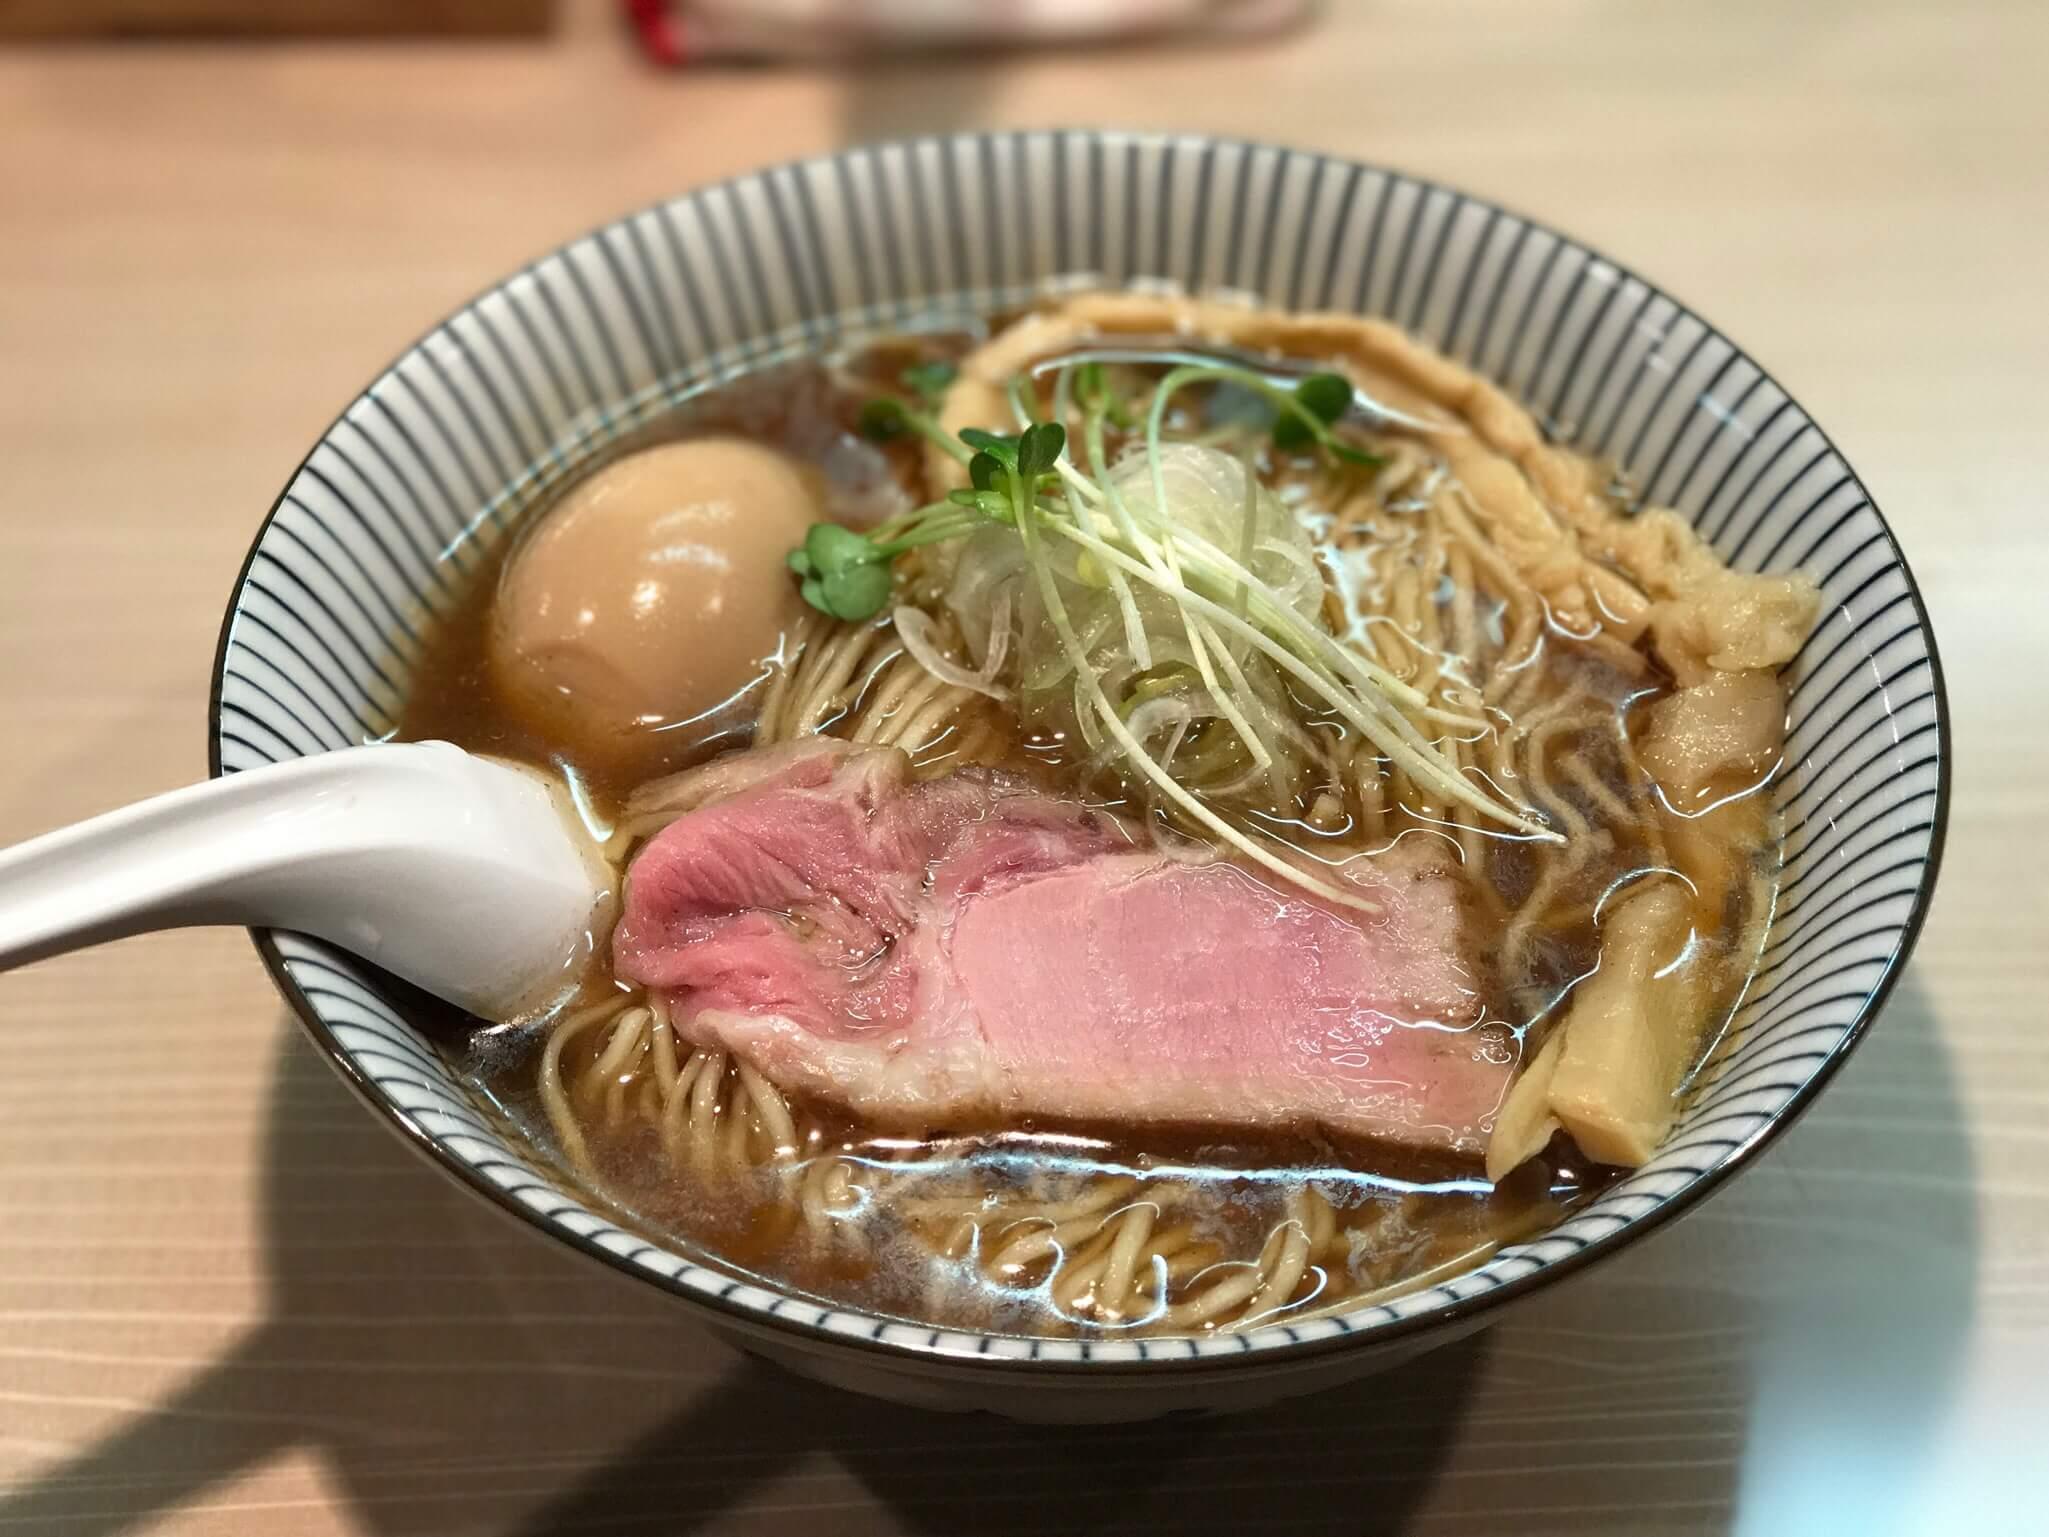 人気上昇中!! 麺屋 鶯 Uguisu 。片町の「〆の一杯」に新たな選択肢